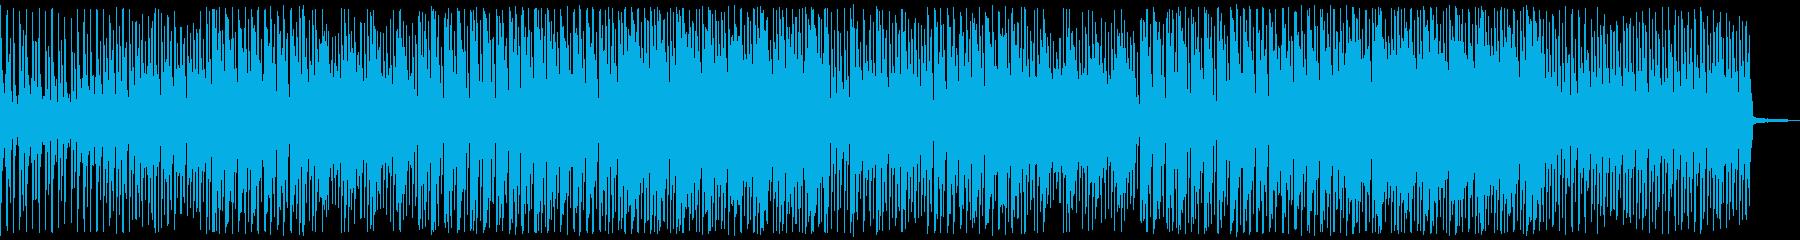 最小限。ヴィンテージの音。の再生済みの波形